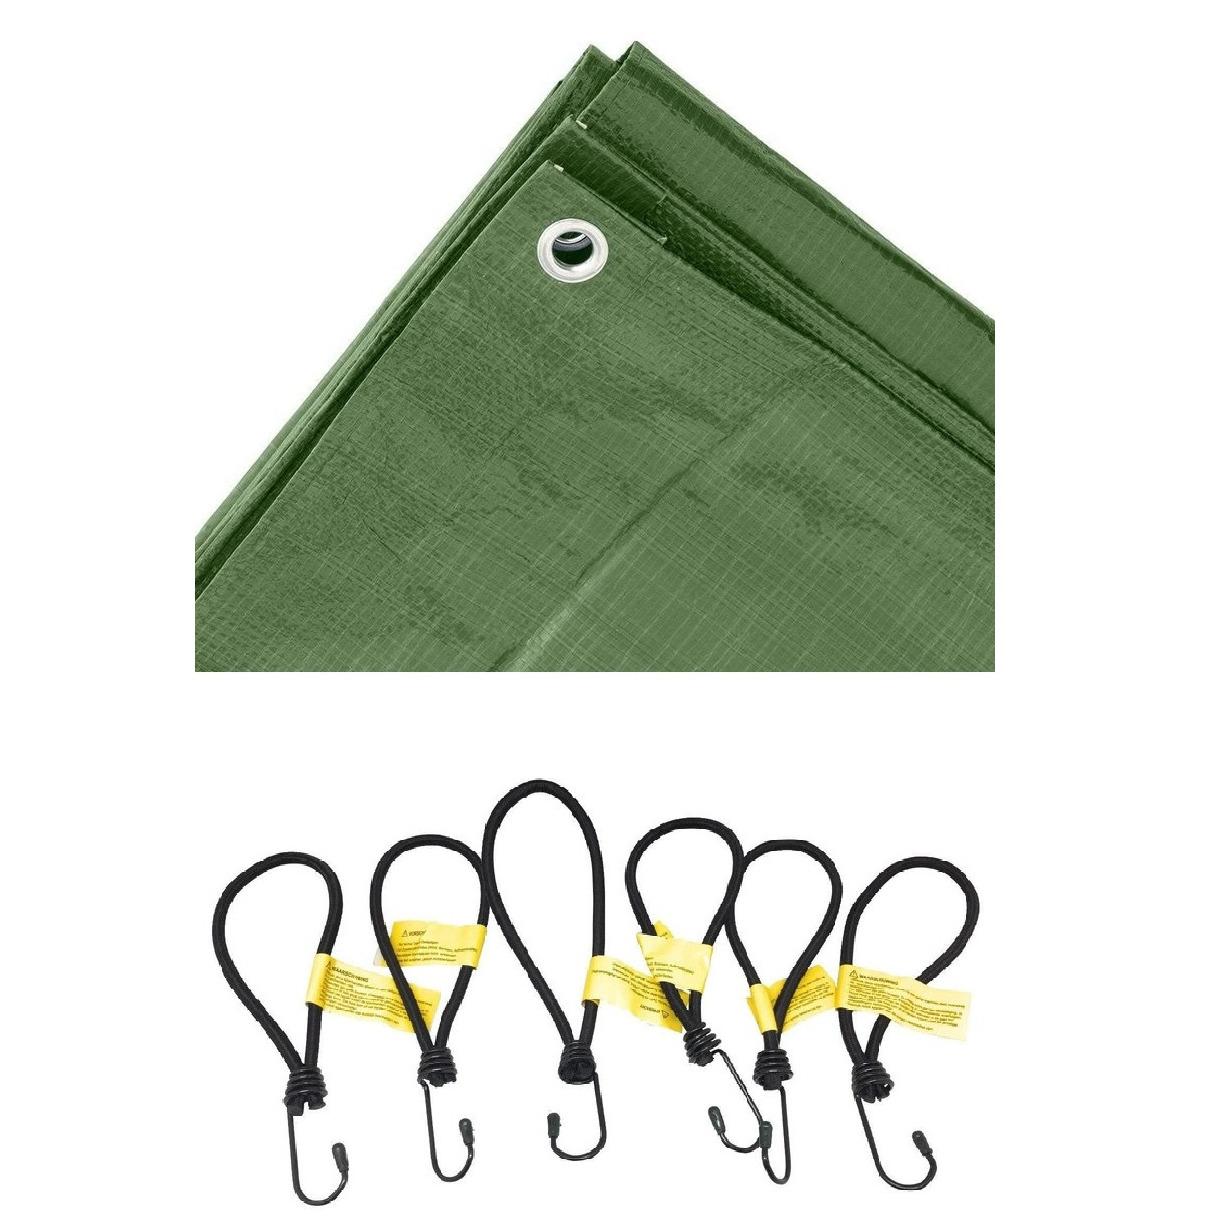 Groen afdekzeil dekzeil 4 x 5 meter met 24x spanners haakjes